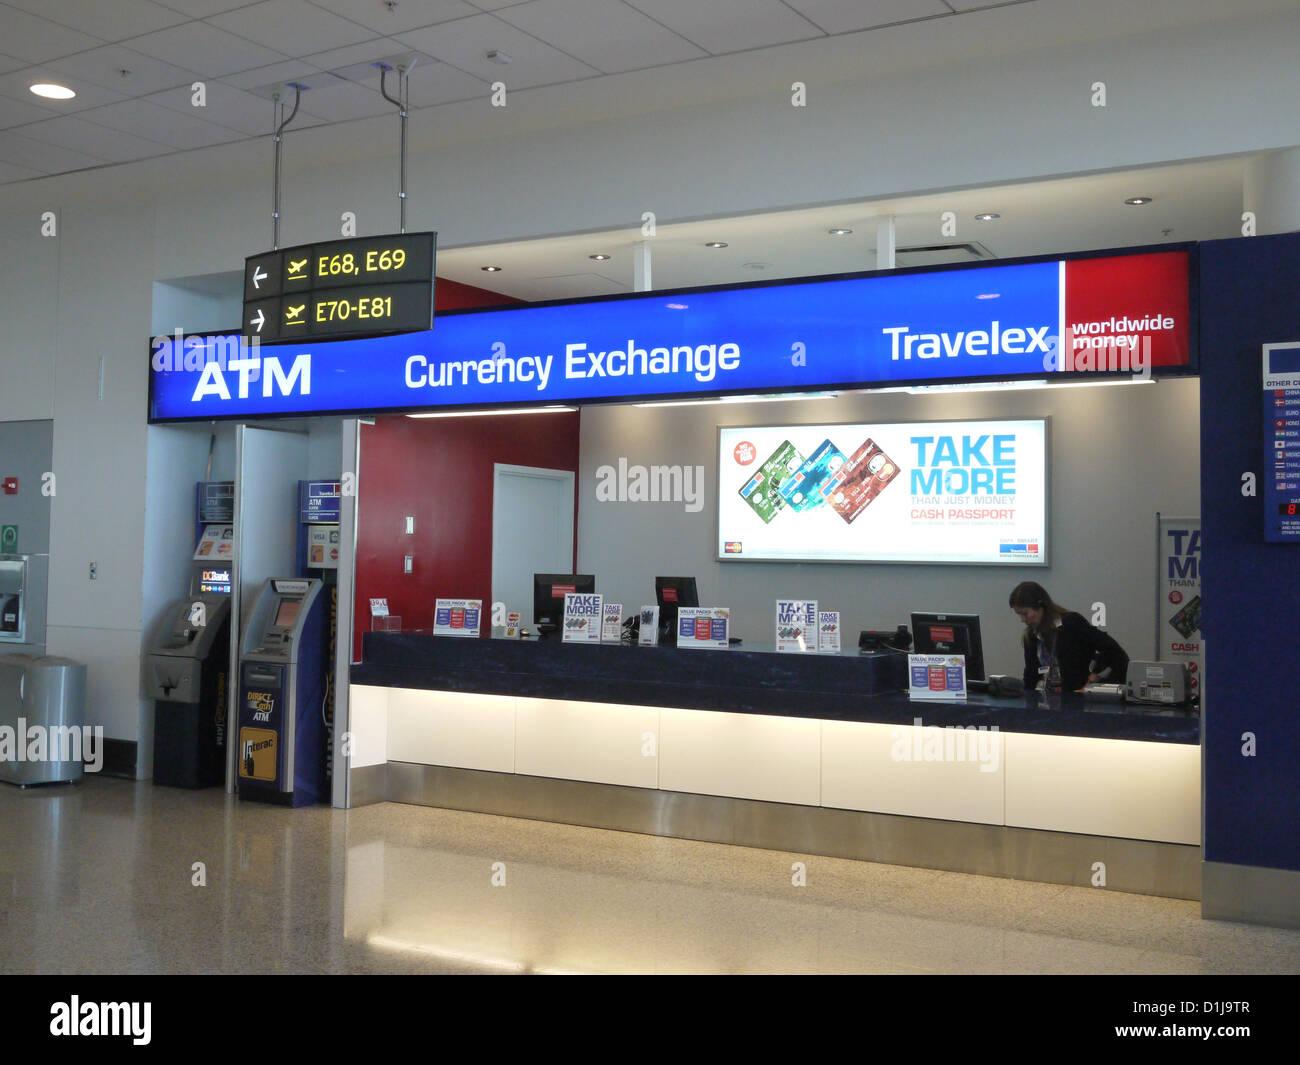 Currency Exchange Toronto - Best Exchange Rates